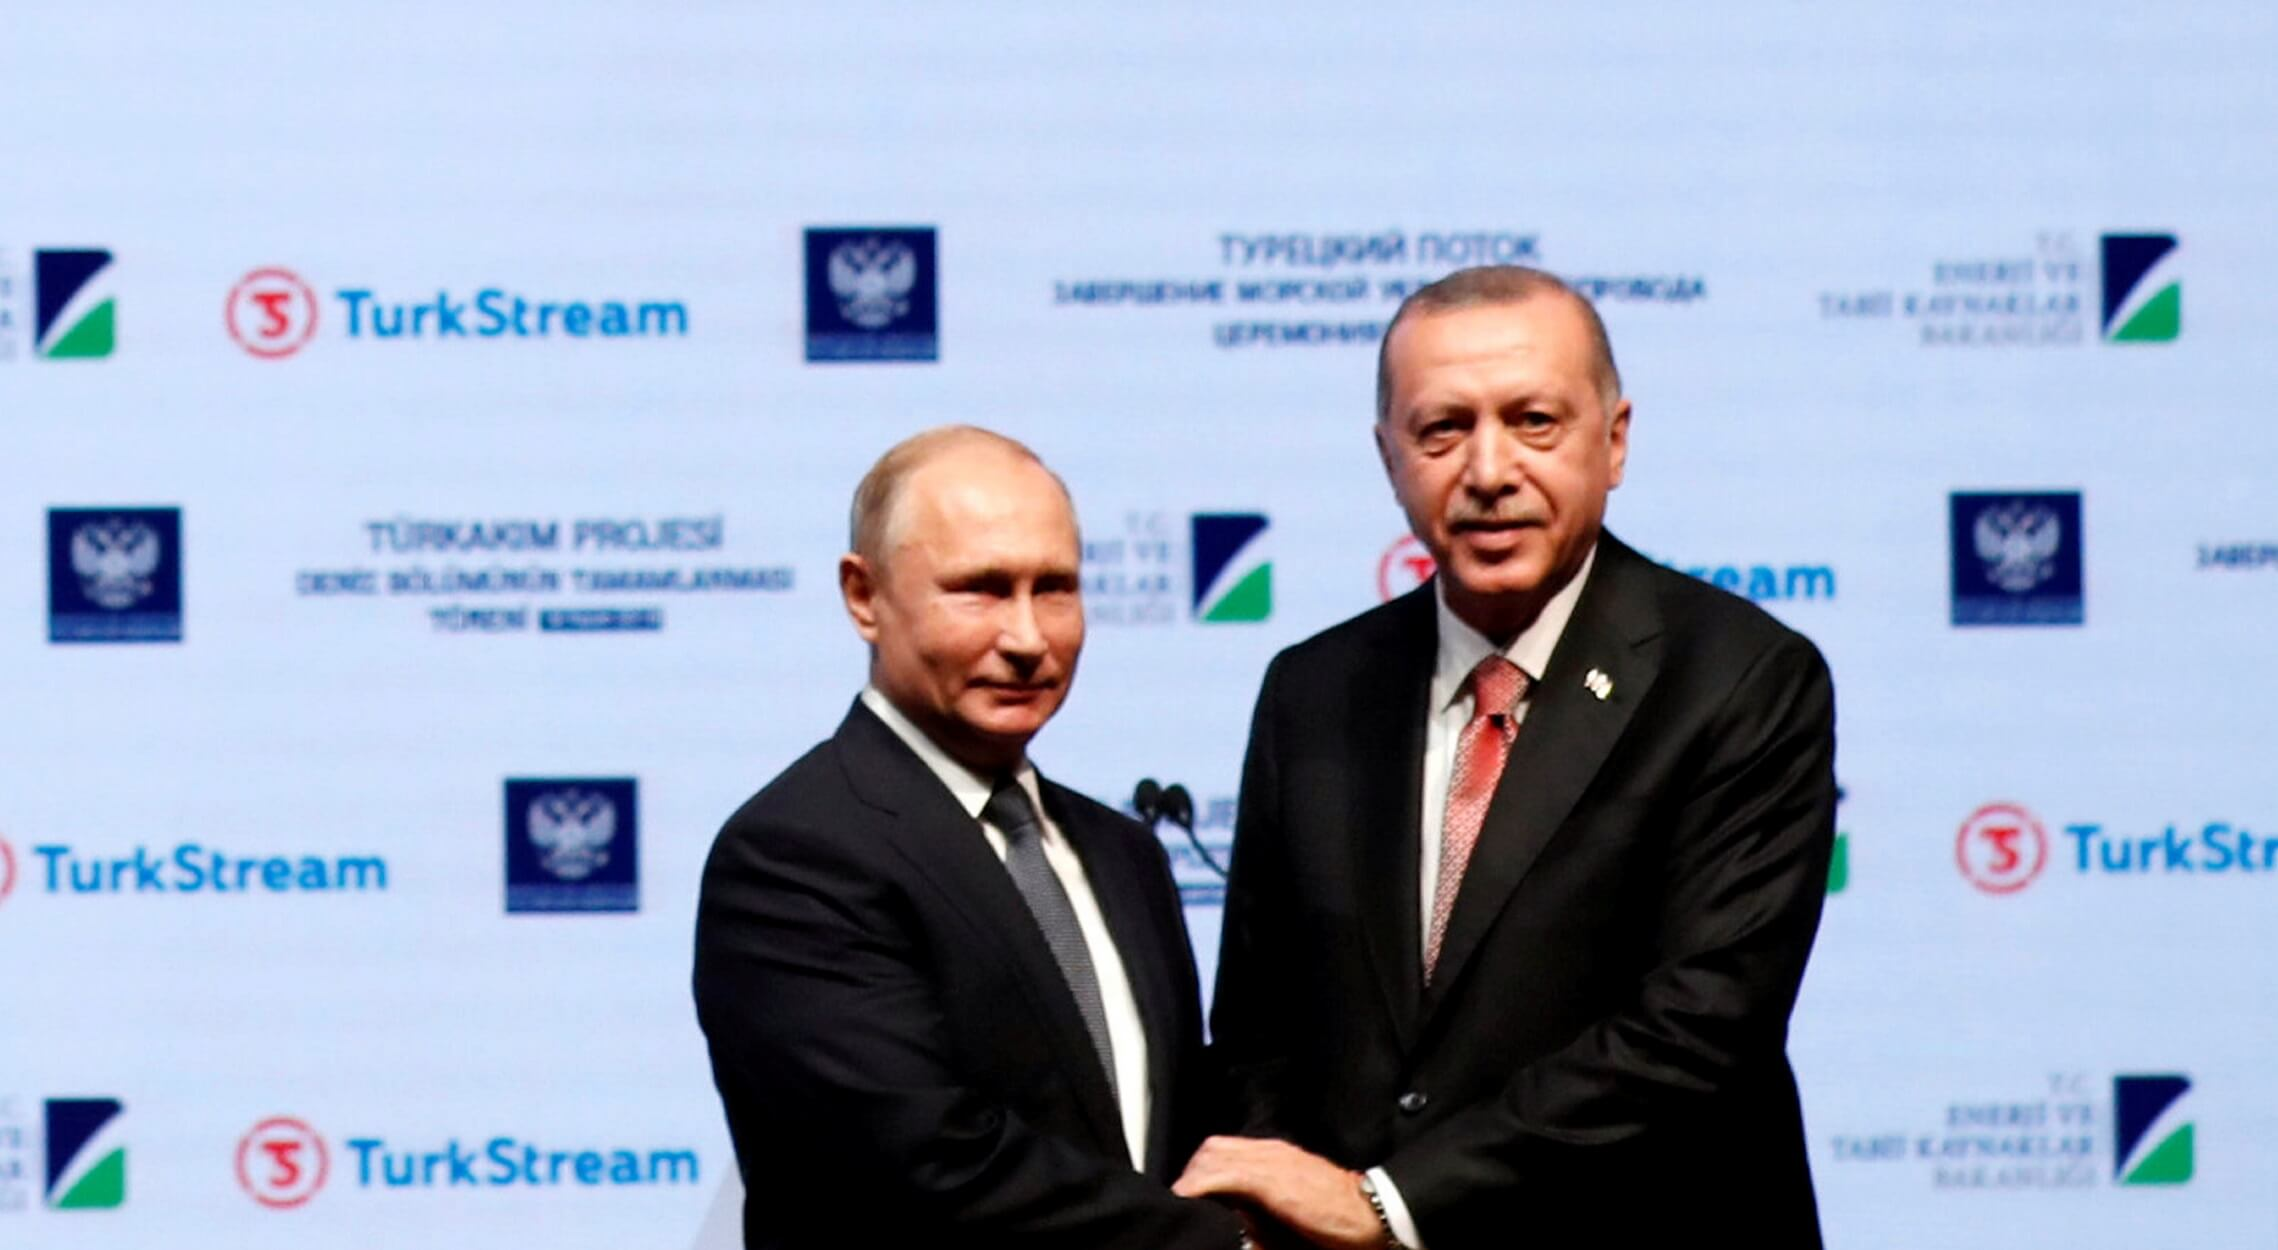 Ερντογάν: Στη Μόσχα αδελφέ μου, στη Μόσχα! Νέο ραντεβού με Πούτιν στο Κρεμλίνο